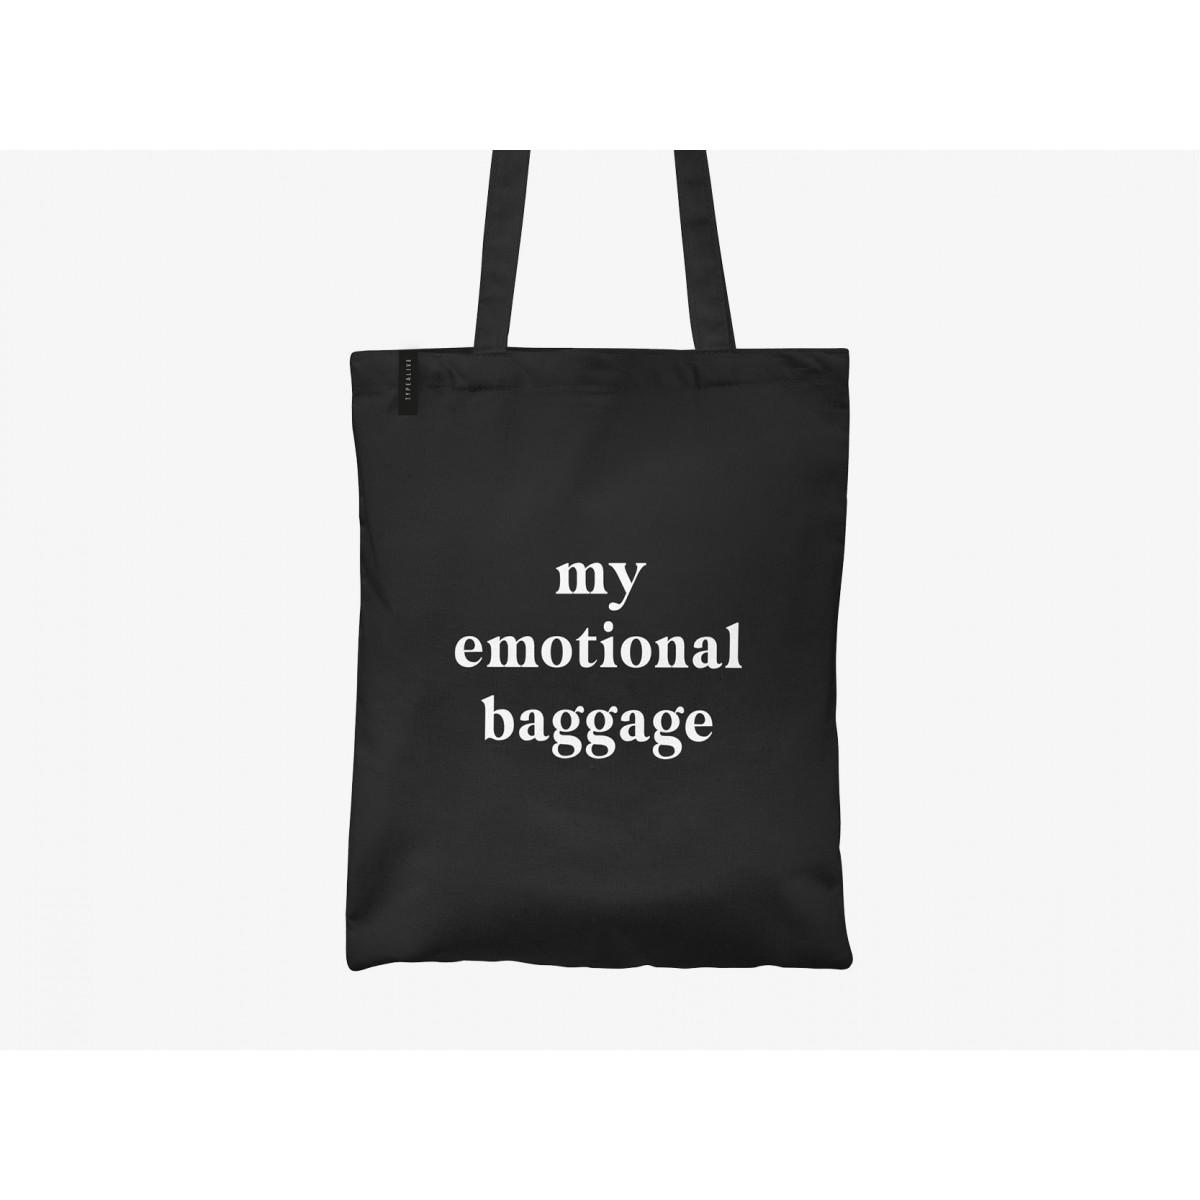 typealive / Baumwolltasche / Emotional Baggage